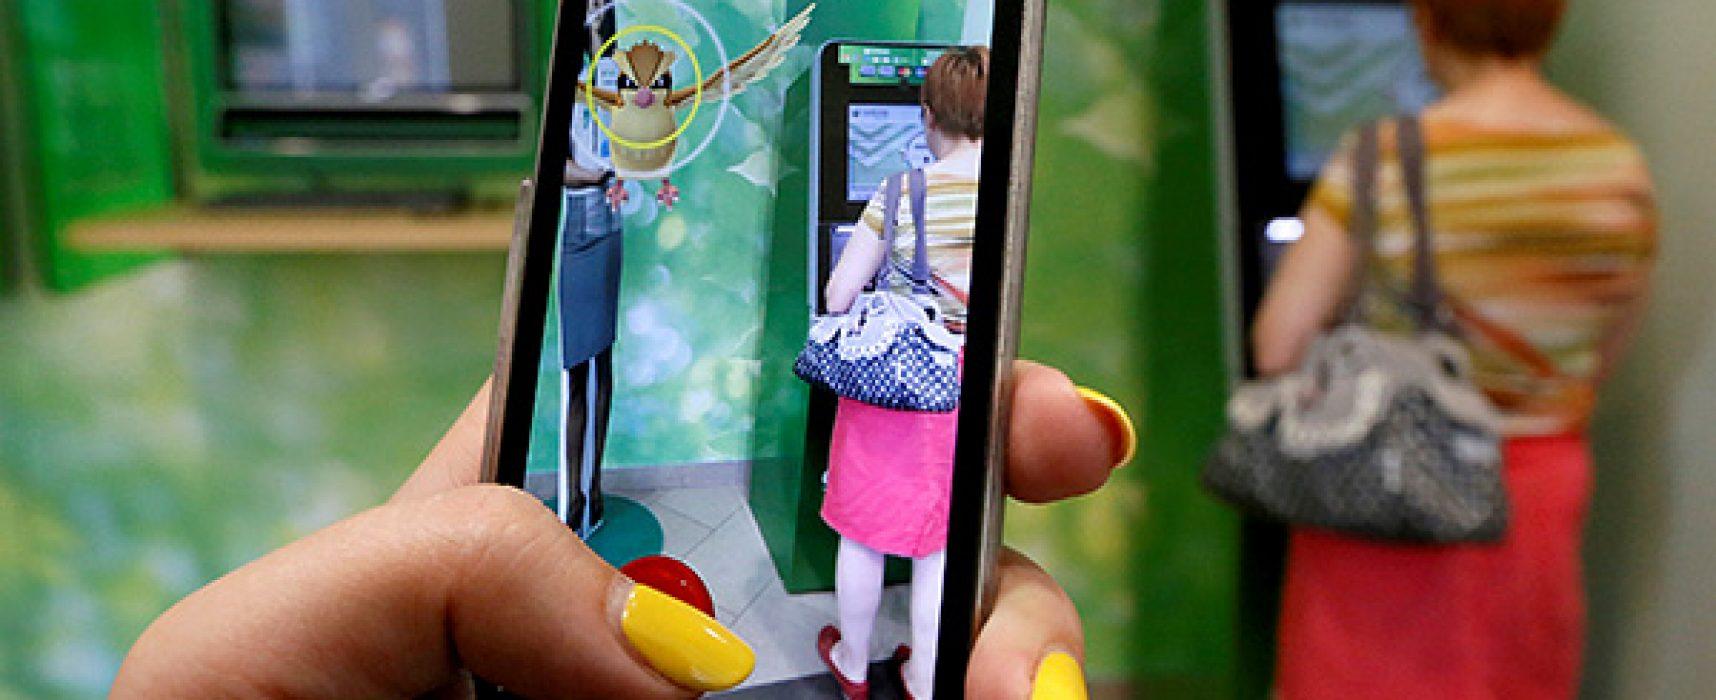 Rusia aprovechará el fenómeno de «Pokémon Go» para lanzar una app sobre su historia